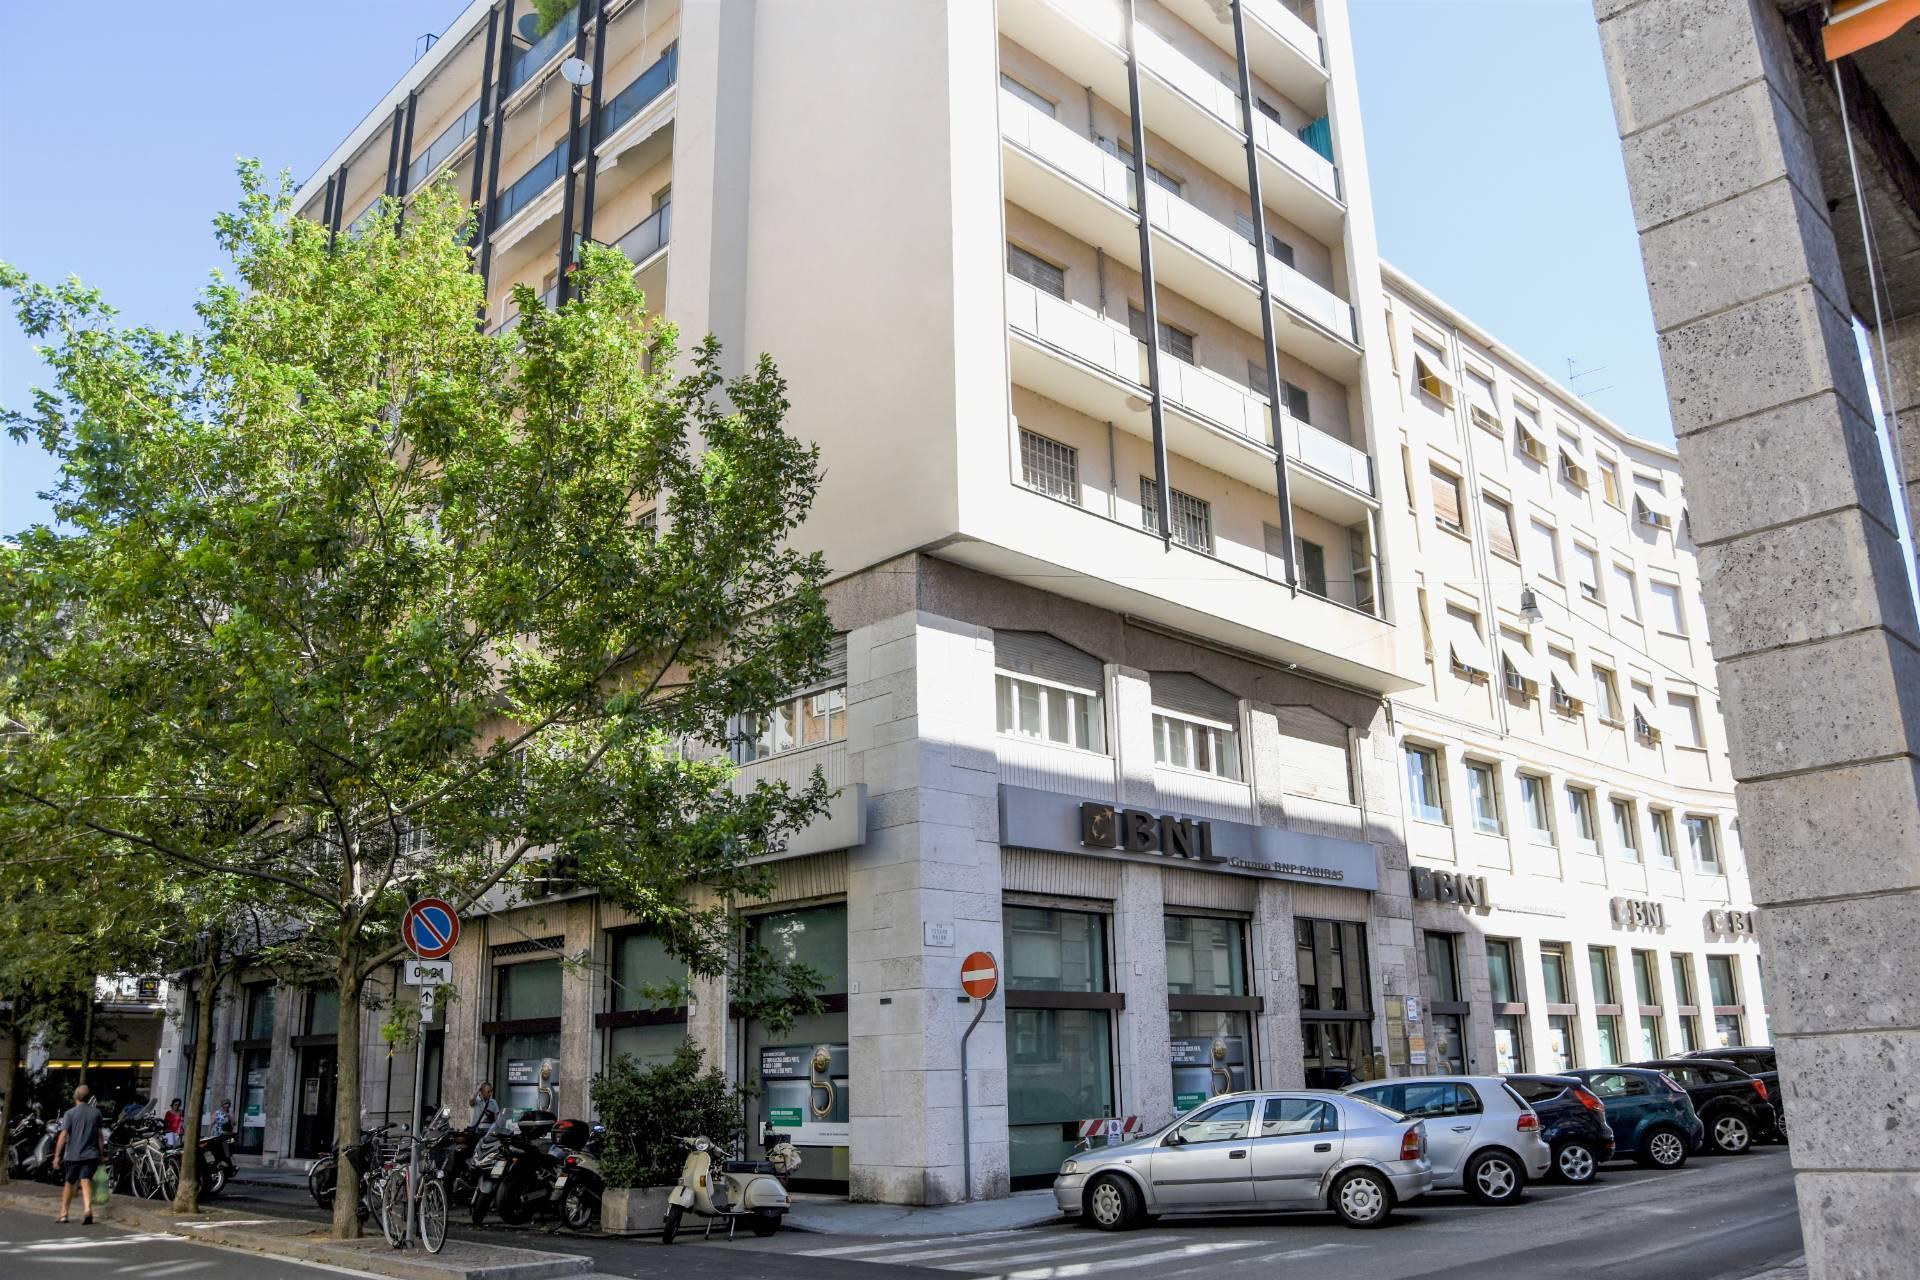 Ufficio-studio in Vendita a Vercelli Centro: 875 mq